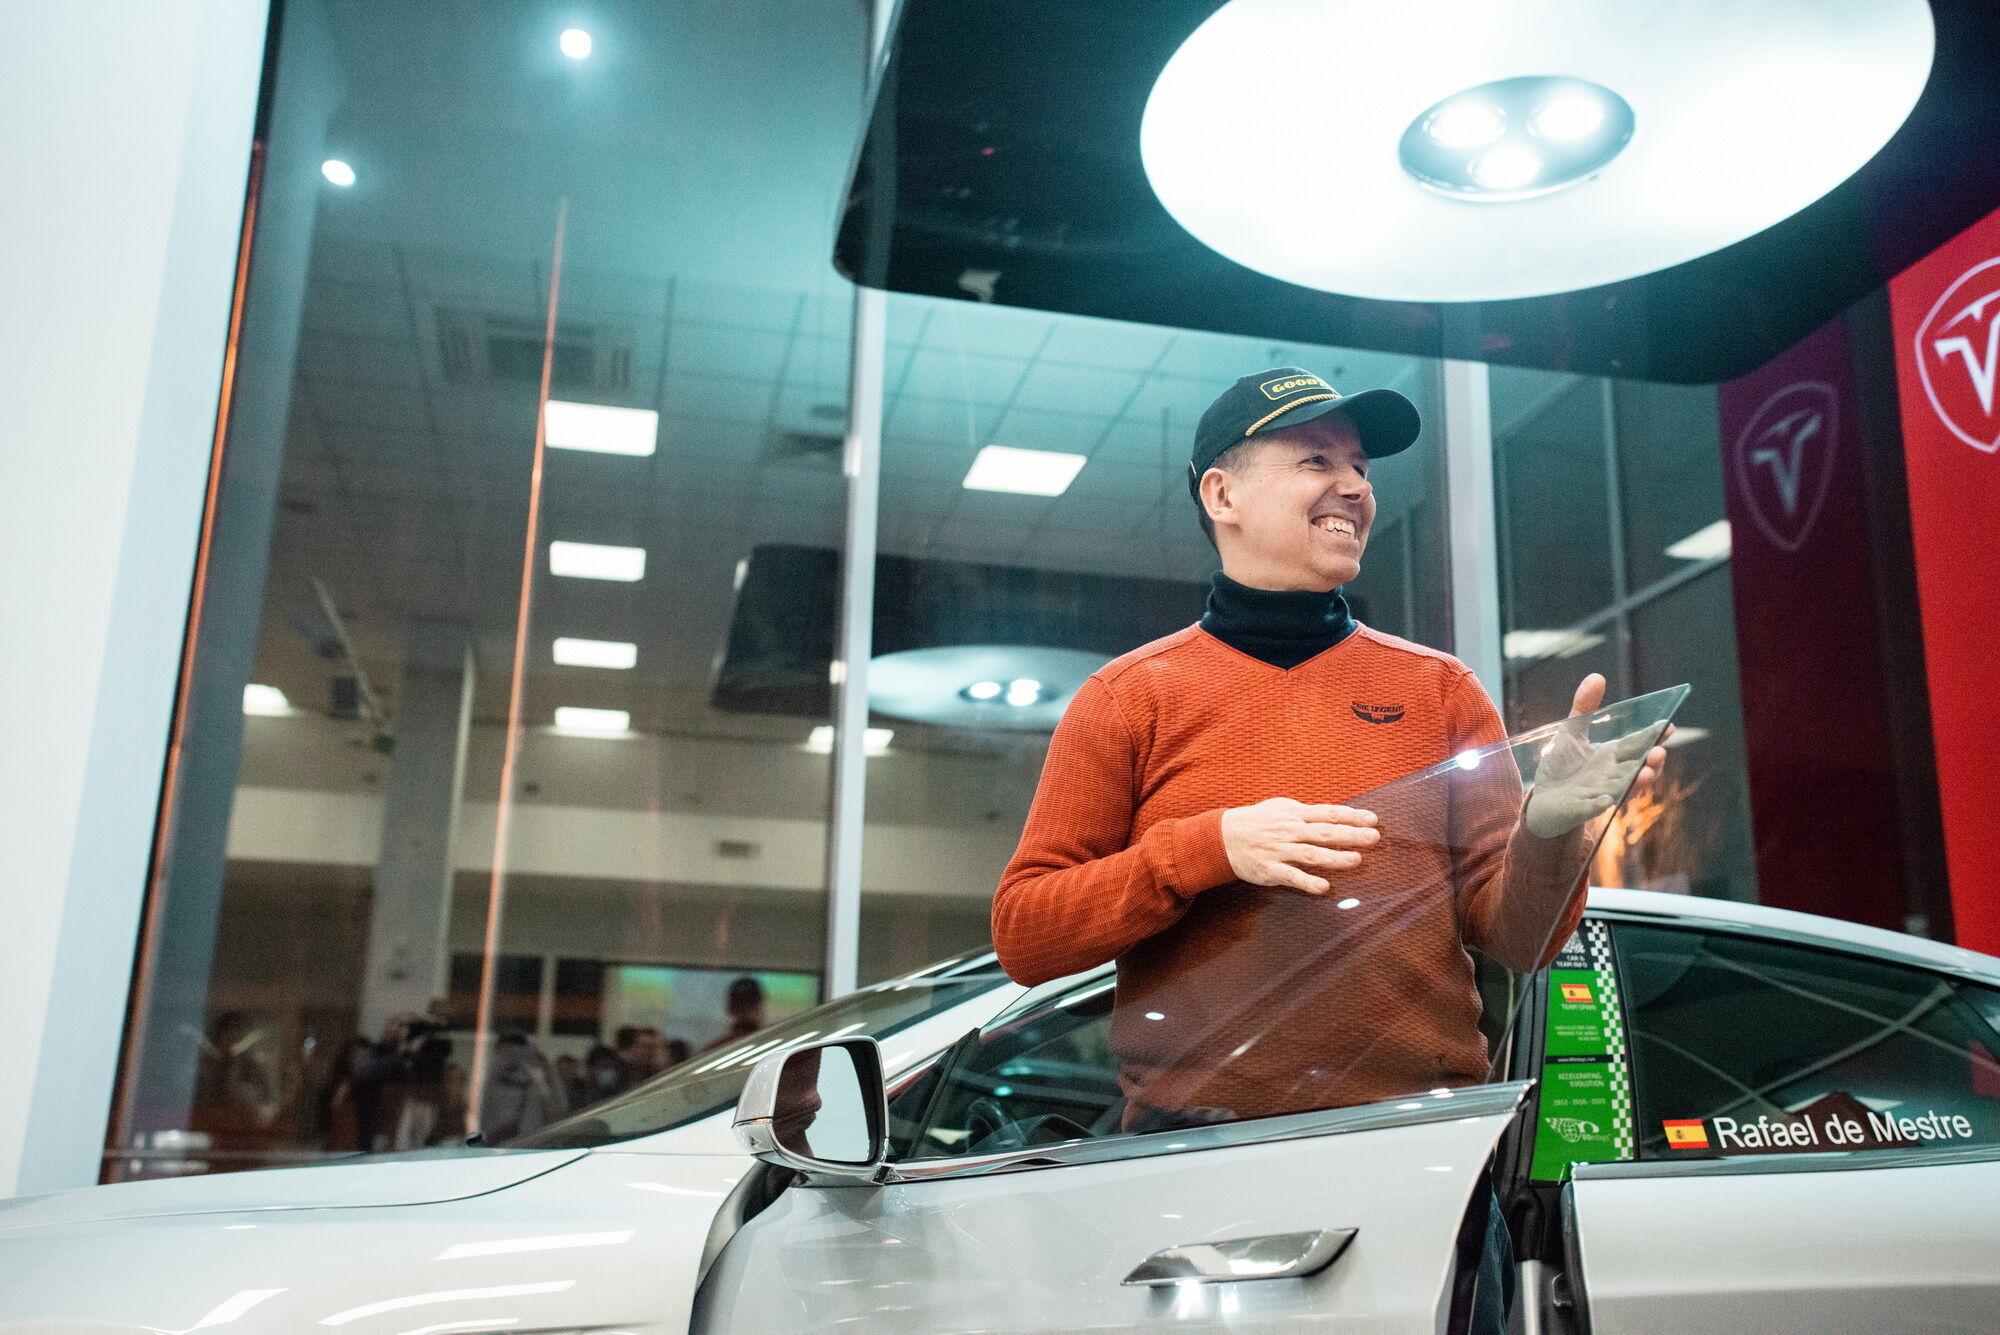 Рафаэль де Местре у восстановленного Tesla Model S P85+ Signature